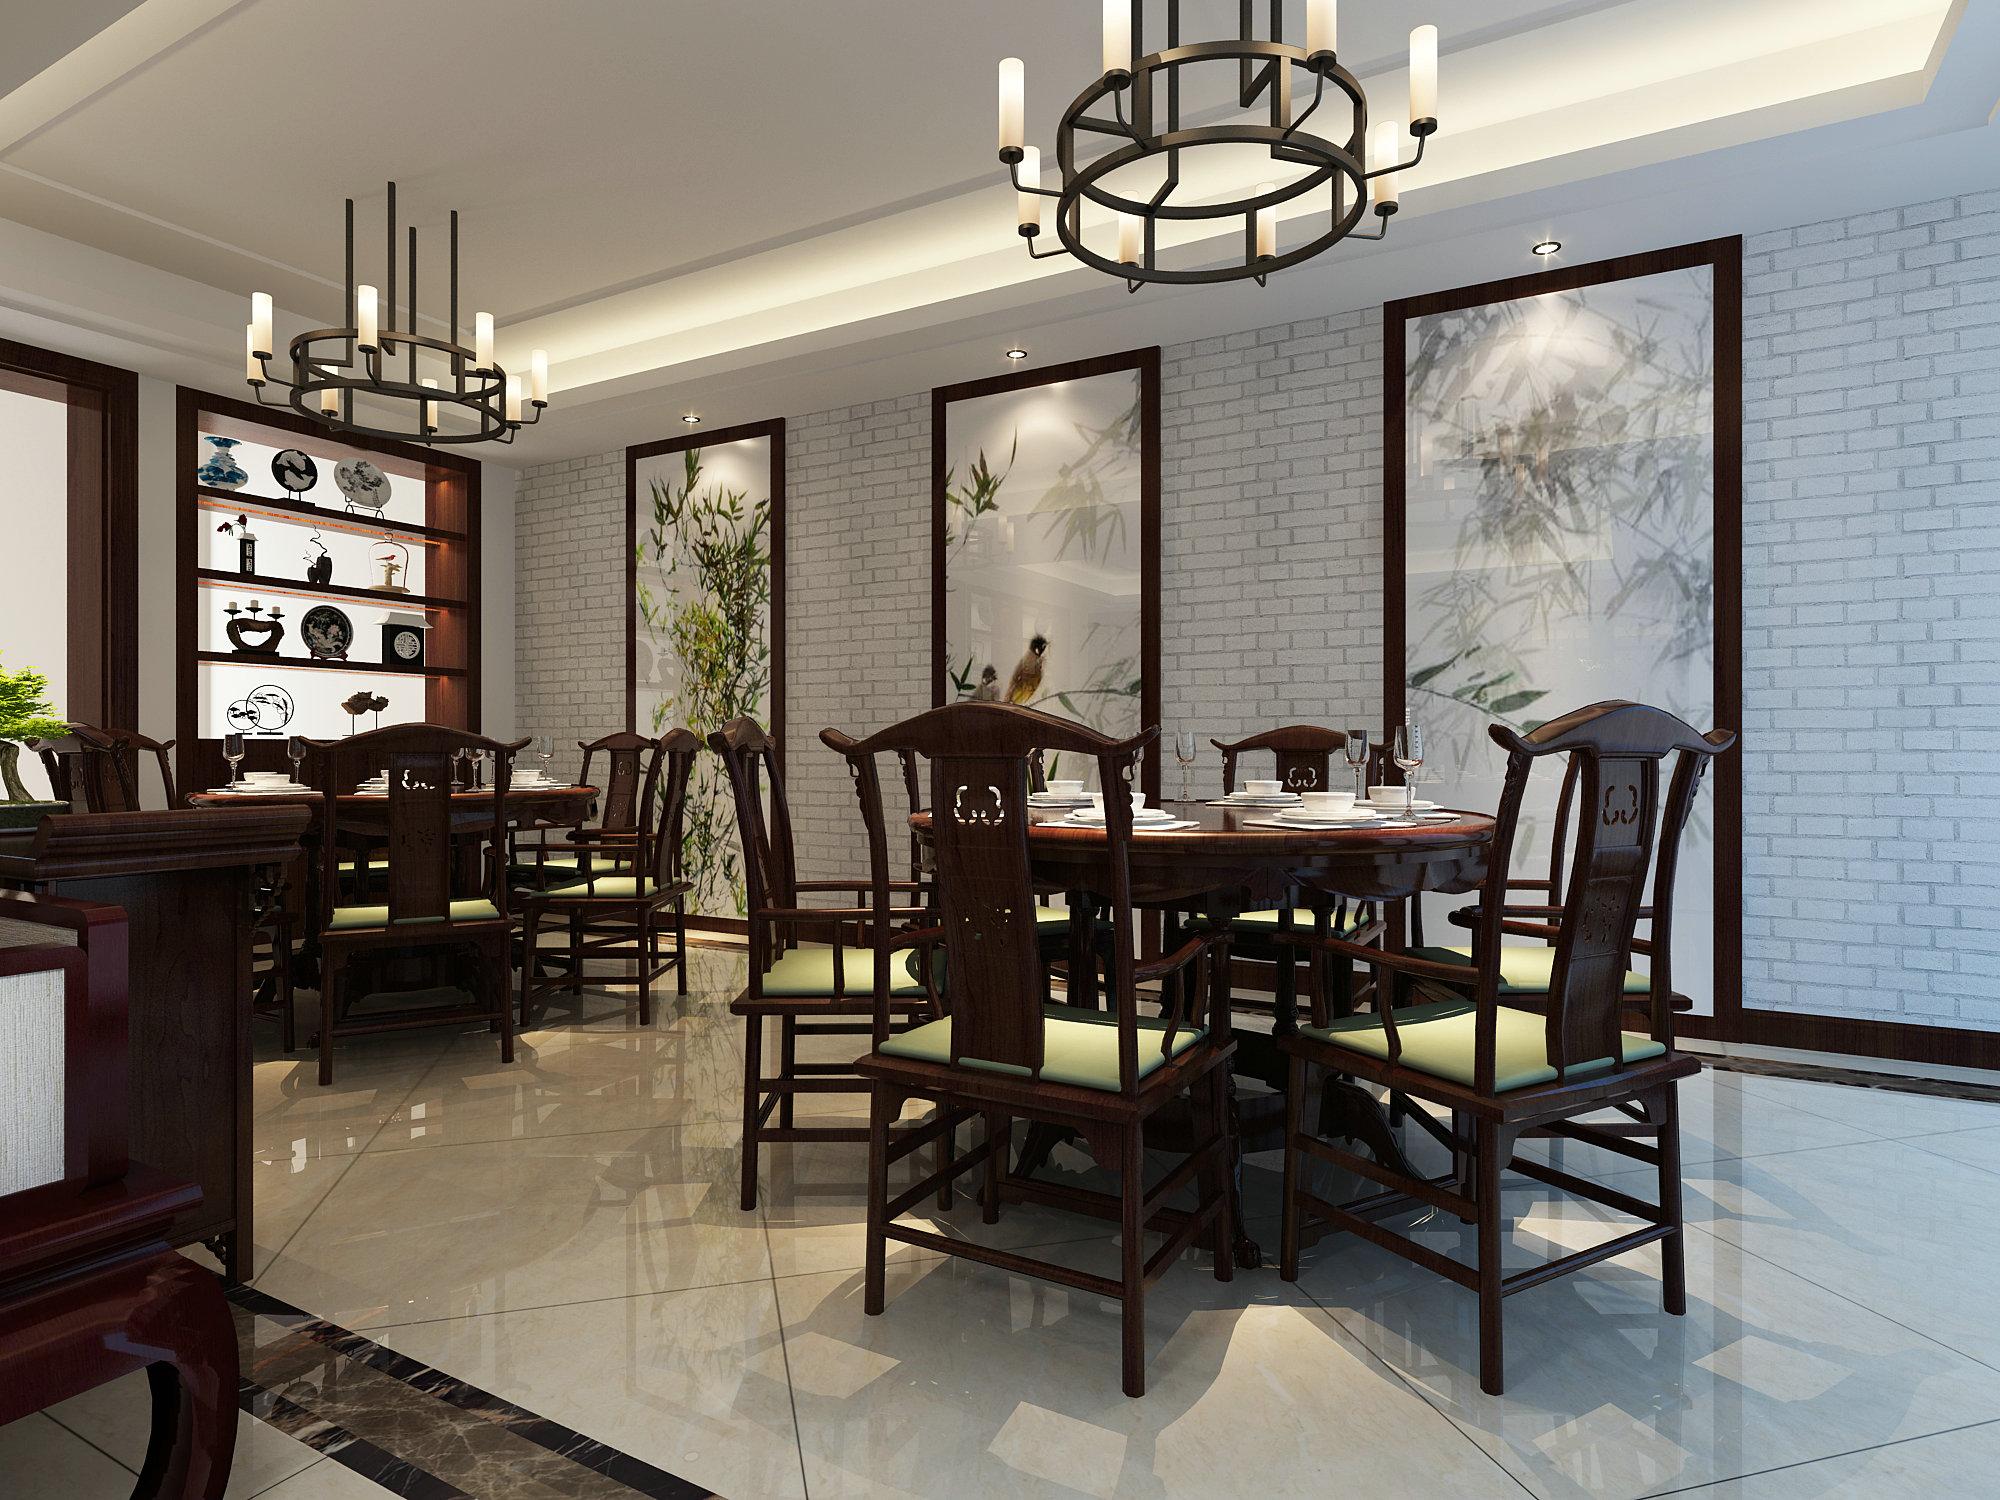 苏州桃花源 别墅装修 腾龙设计 中式风格 餐厅图片来自腾龙设计在苏州桃花源别墅欧式古典风格的分享